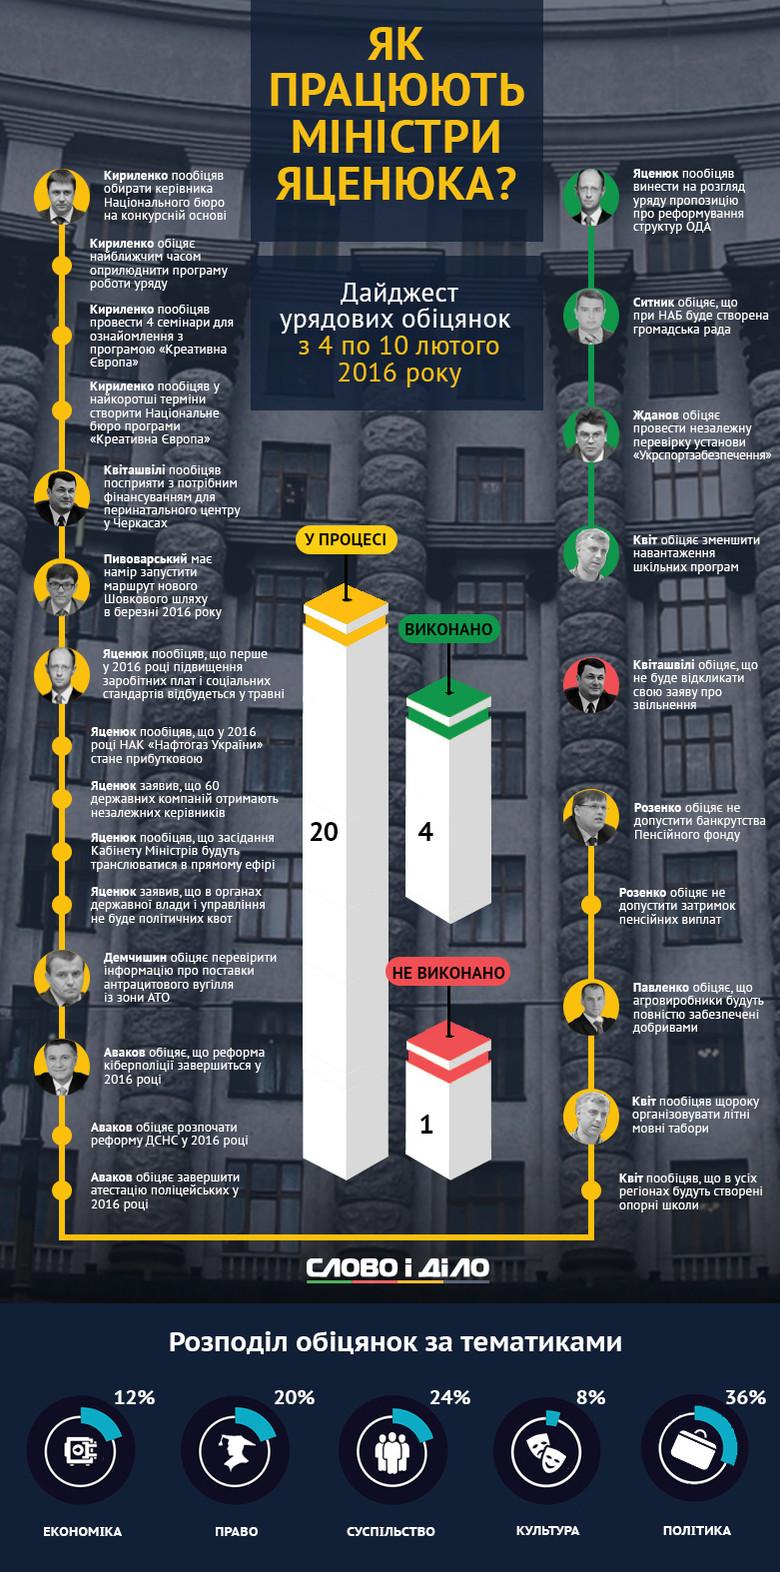 В Украине искусственно спровоцировали политический кризис для проведения досрочных выборов, - Яценюк - Цензор.НЕТ 3674